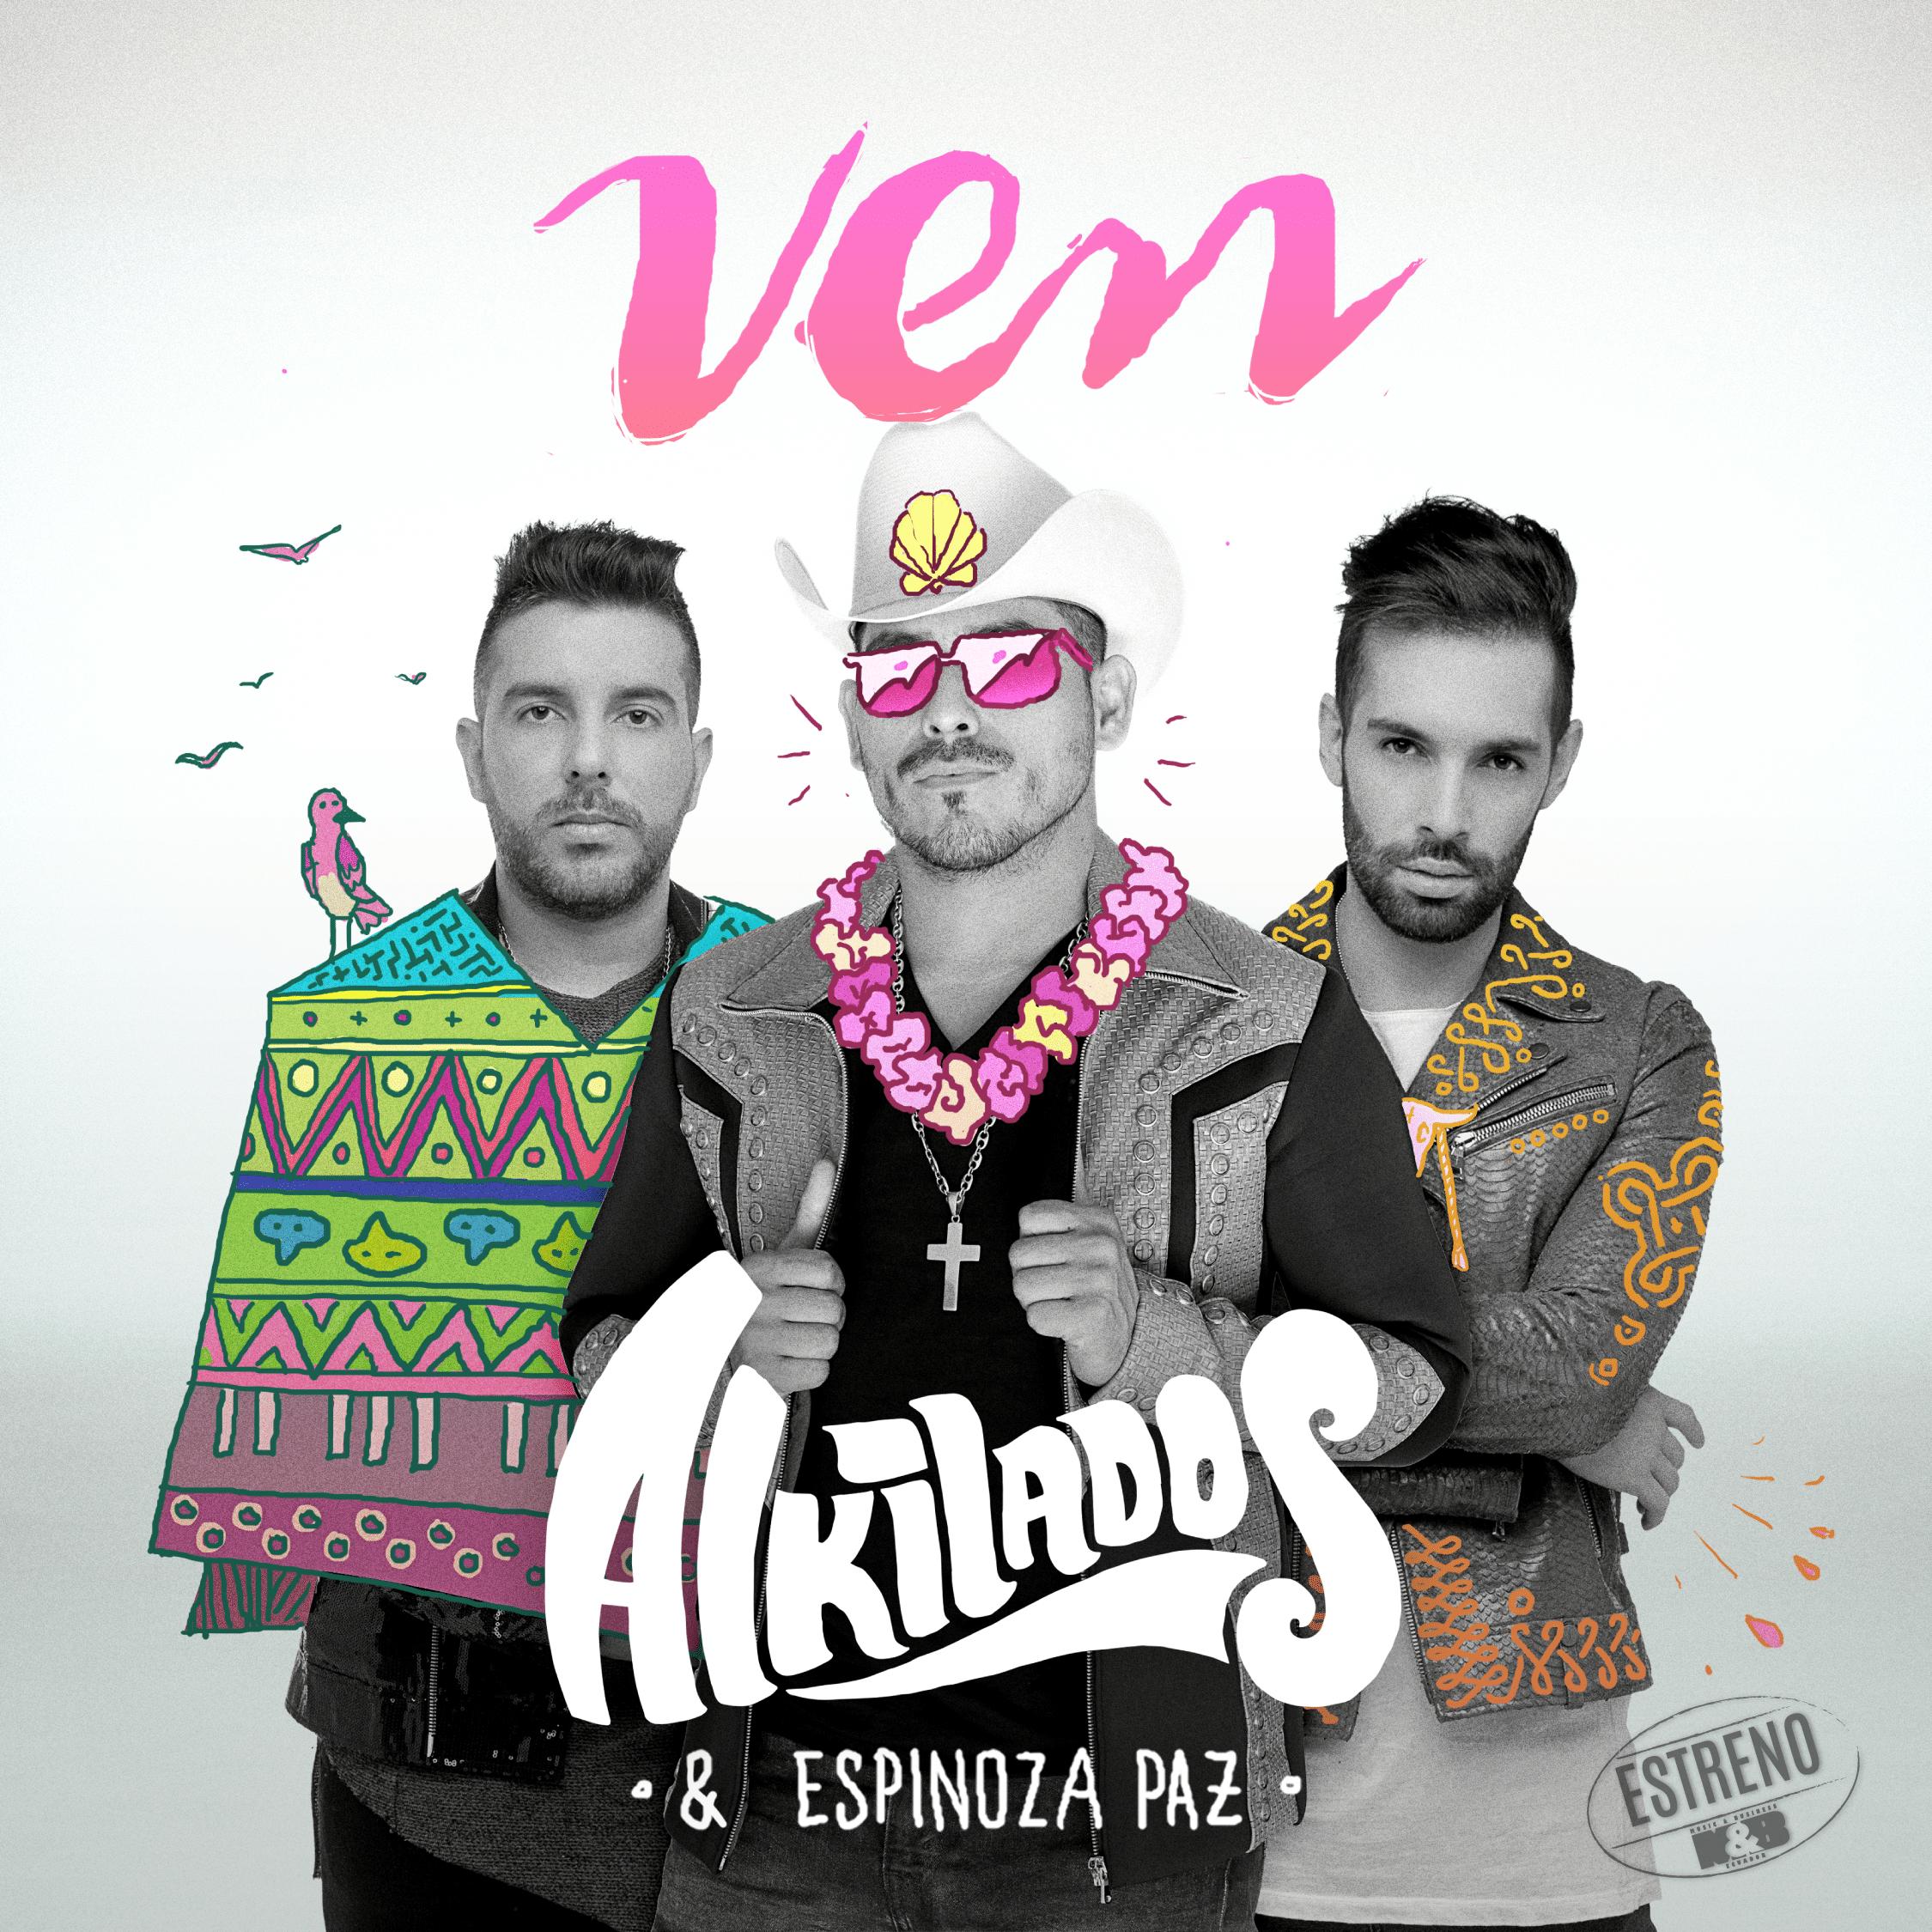 Alkilados estrena Ven junto con Espinoza Paz